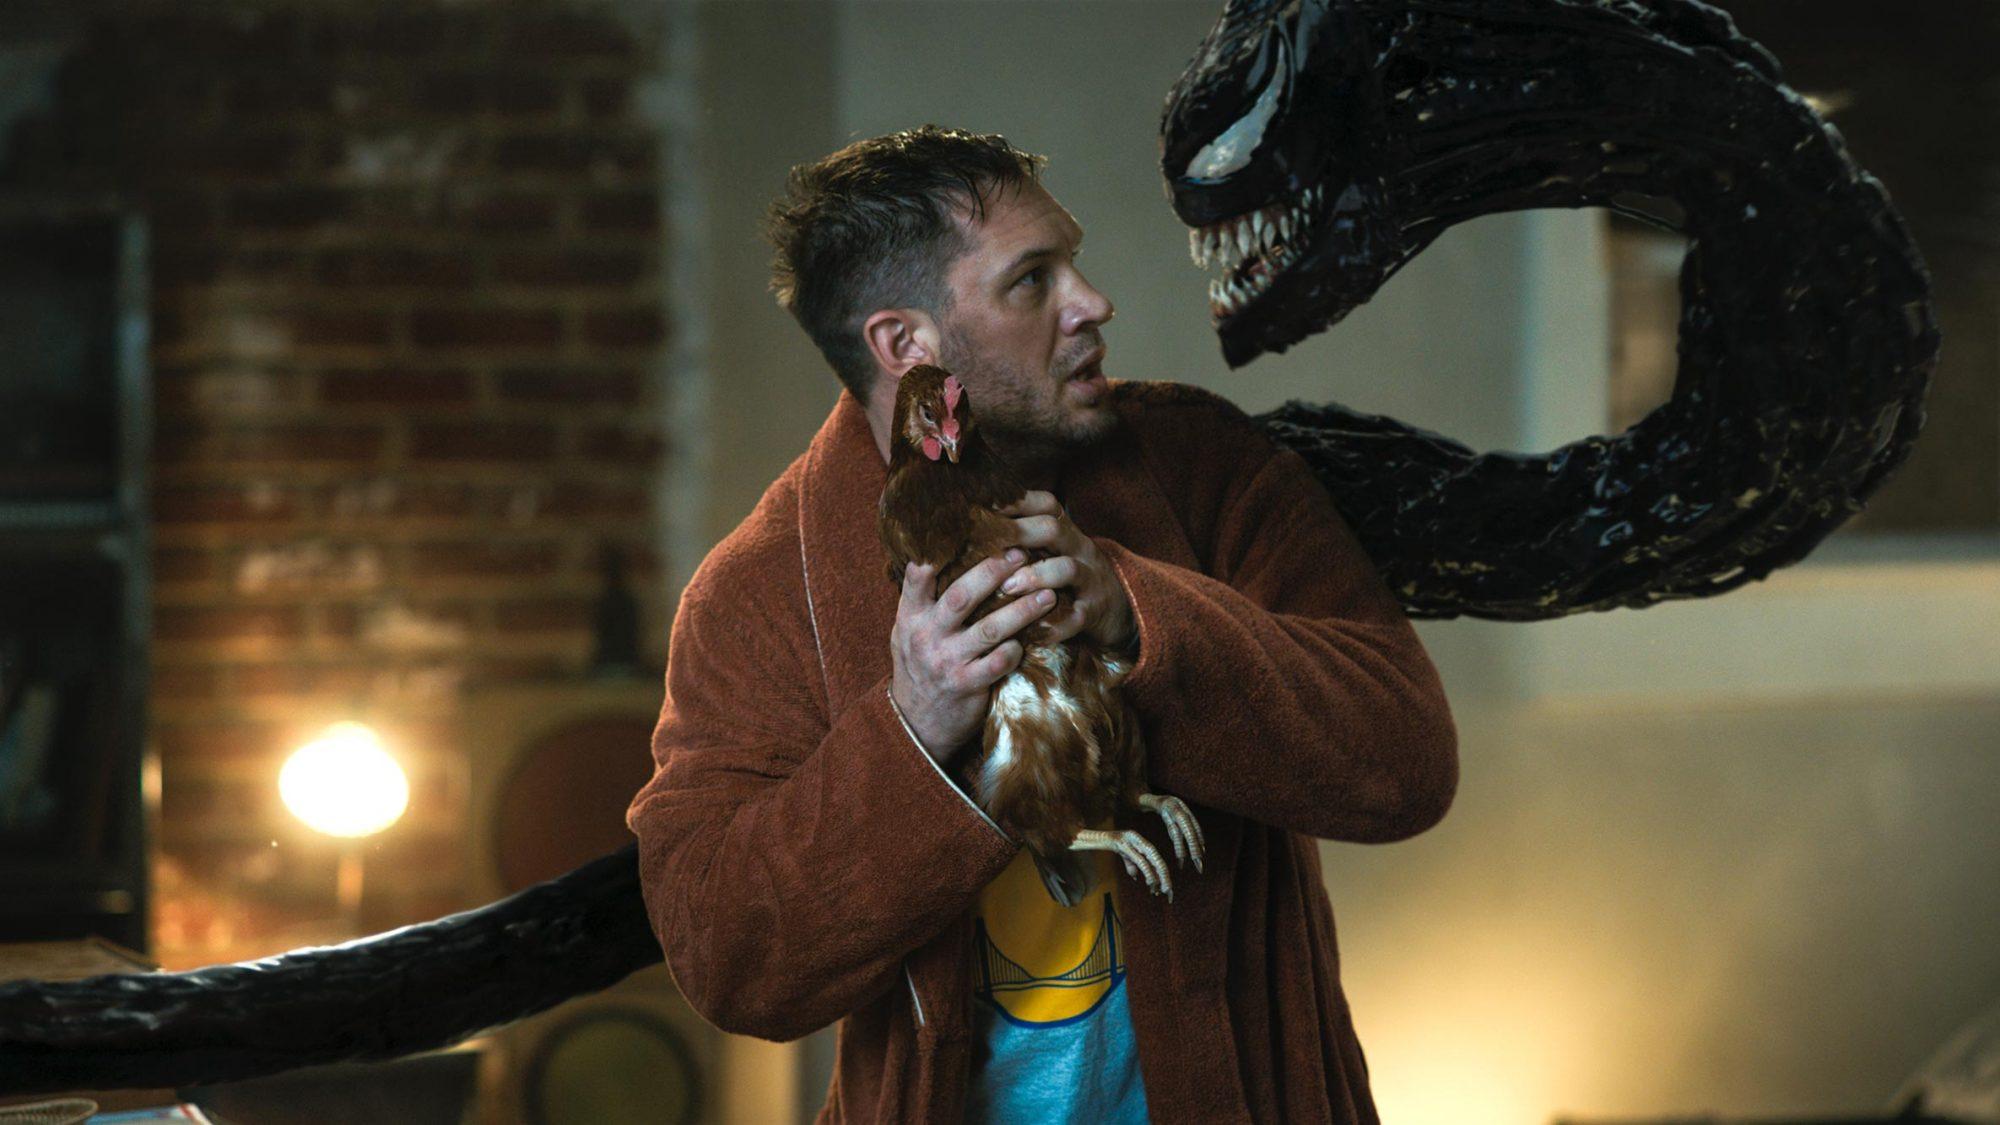 [CRÍTICA] Venom: Carnage Liberado,  una entretenida cinta de acción y efectos especiales.